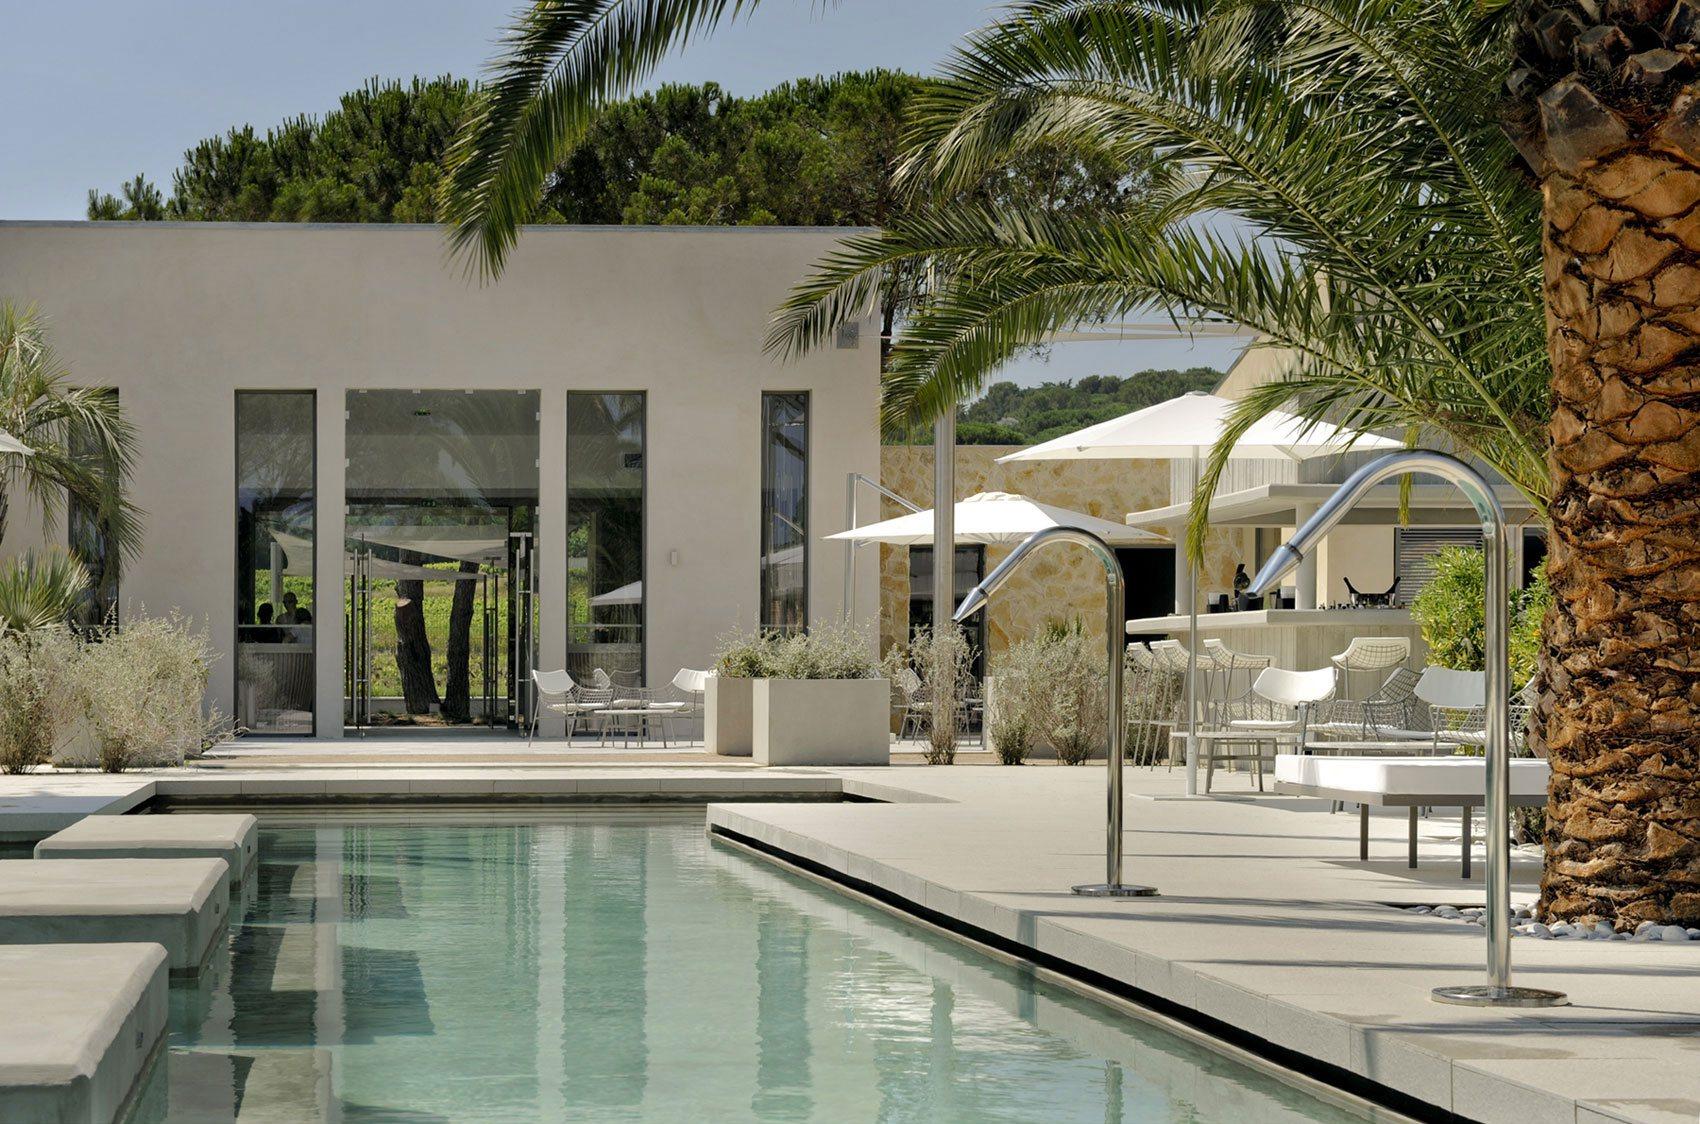 Hotel-Sezz-Saint-Tropez-01